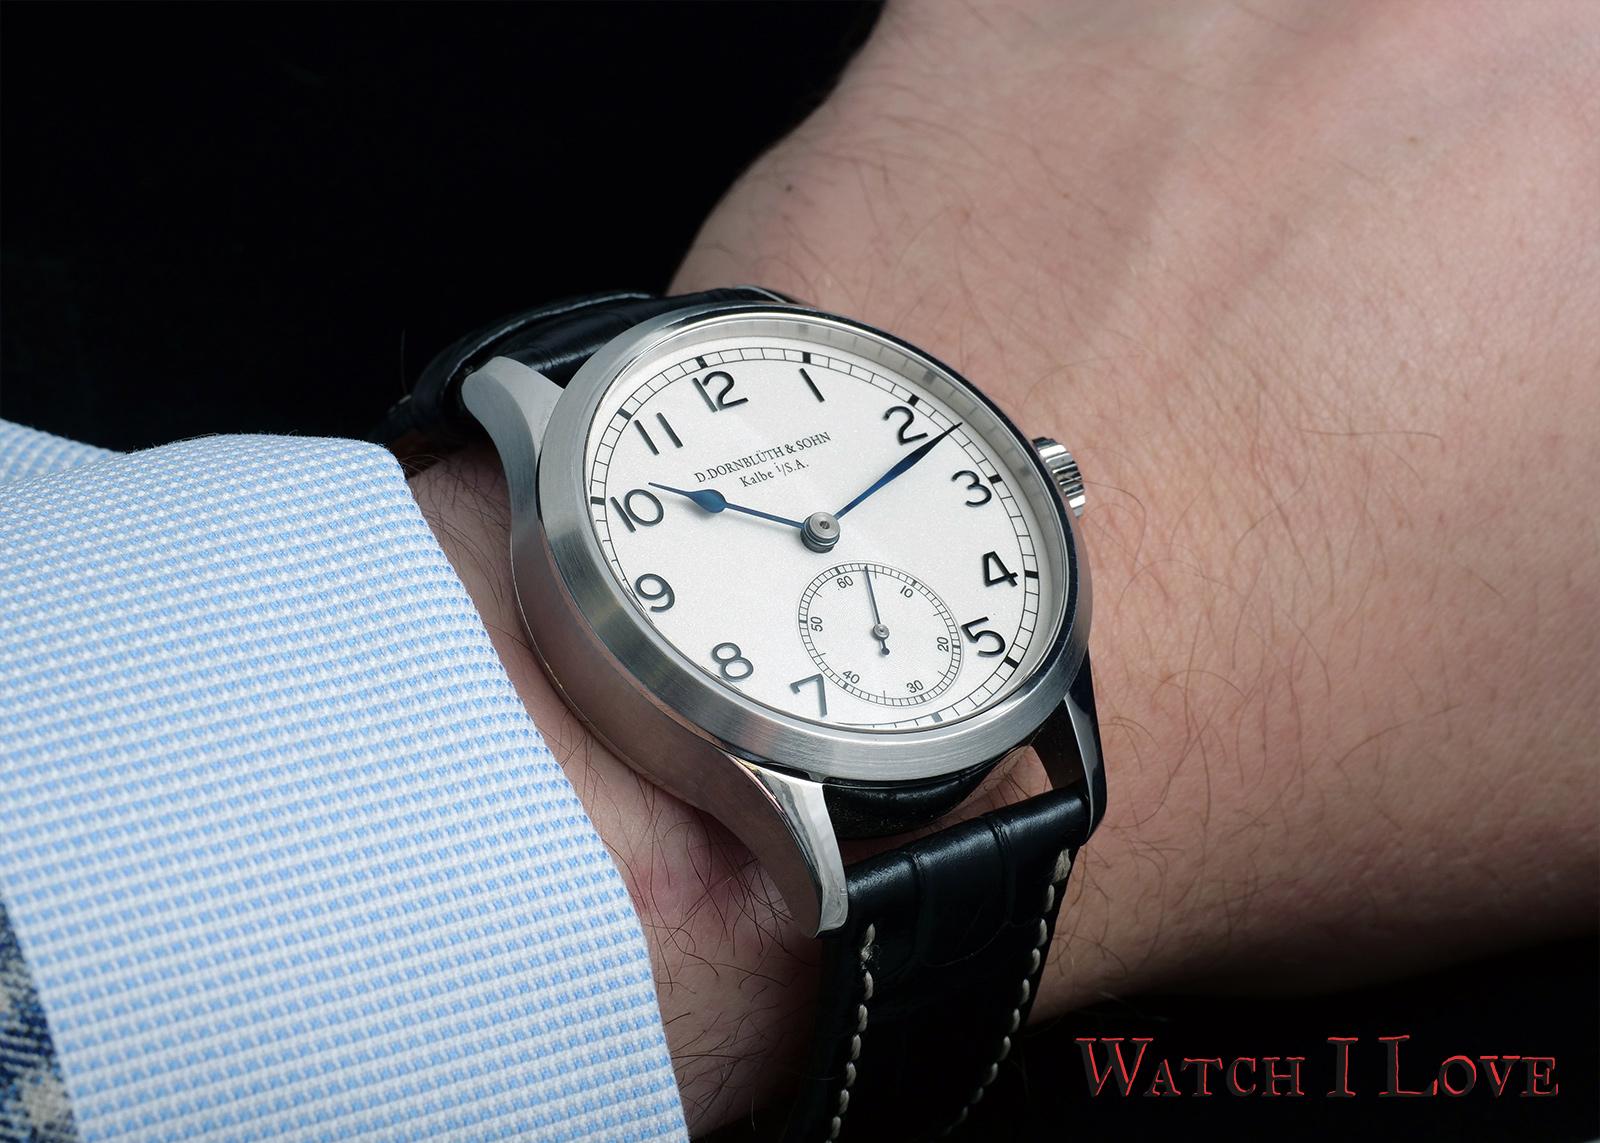 Dornbluth Q-2010 Classic wrist